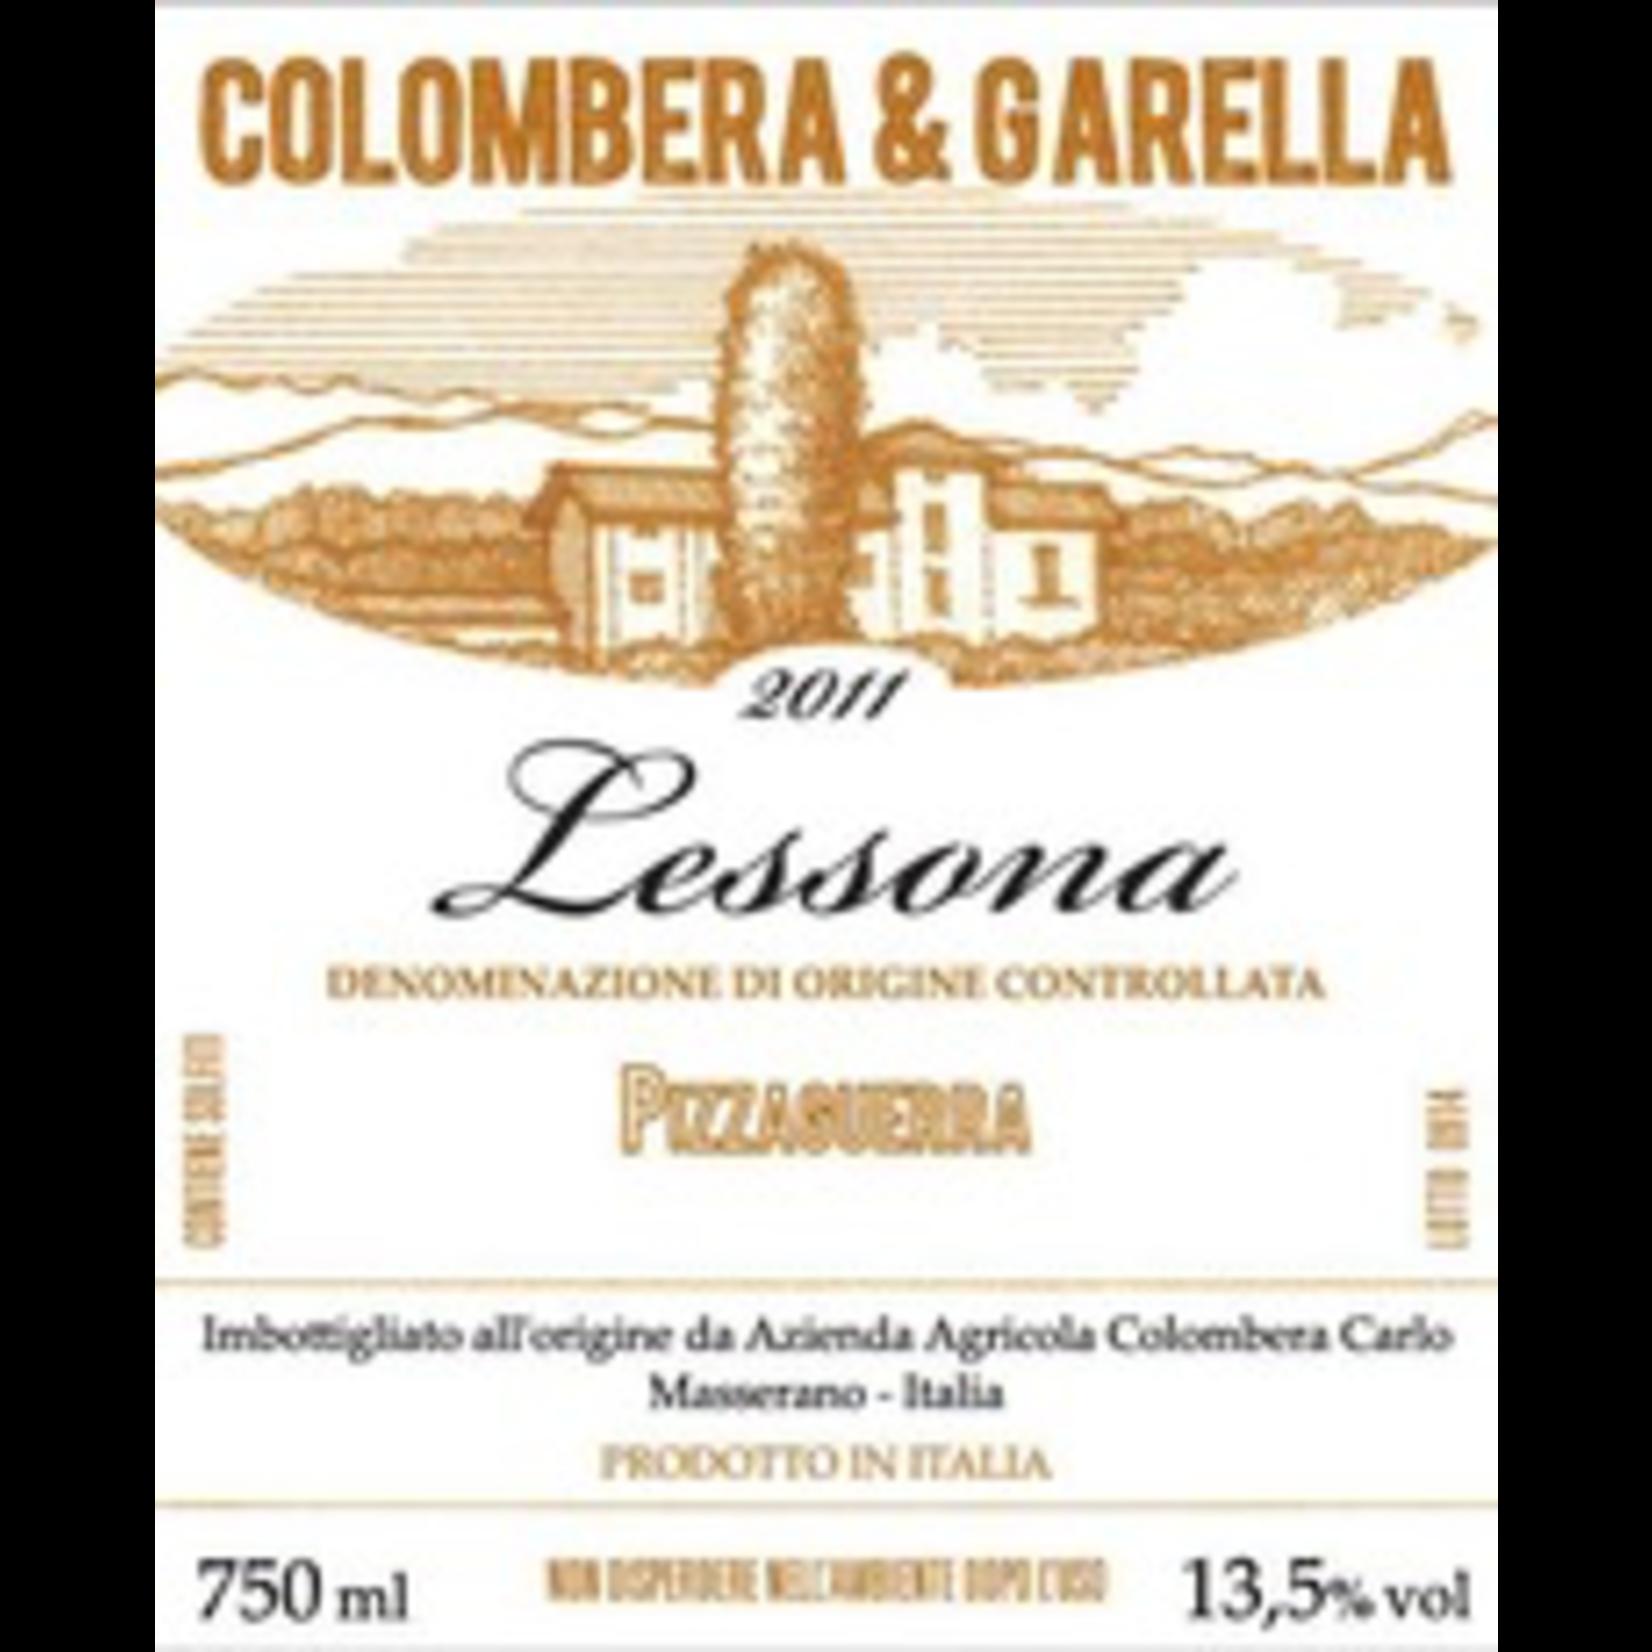 Wine Colombera & Garella Lessona 2015